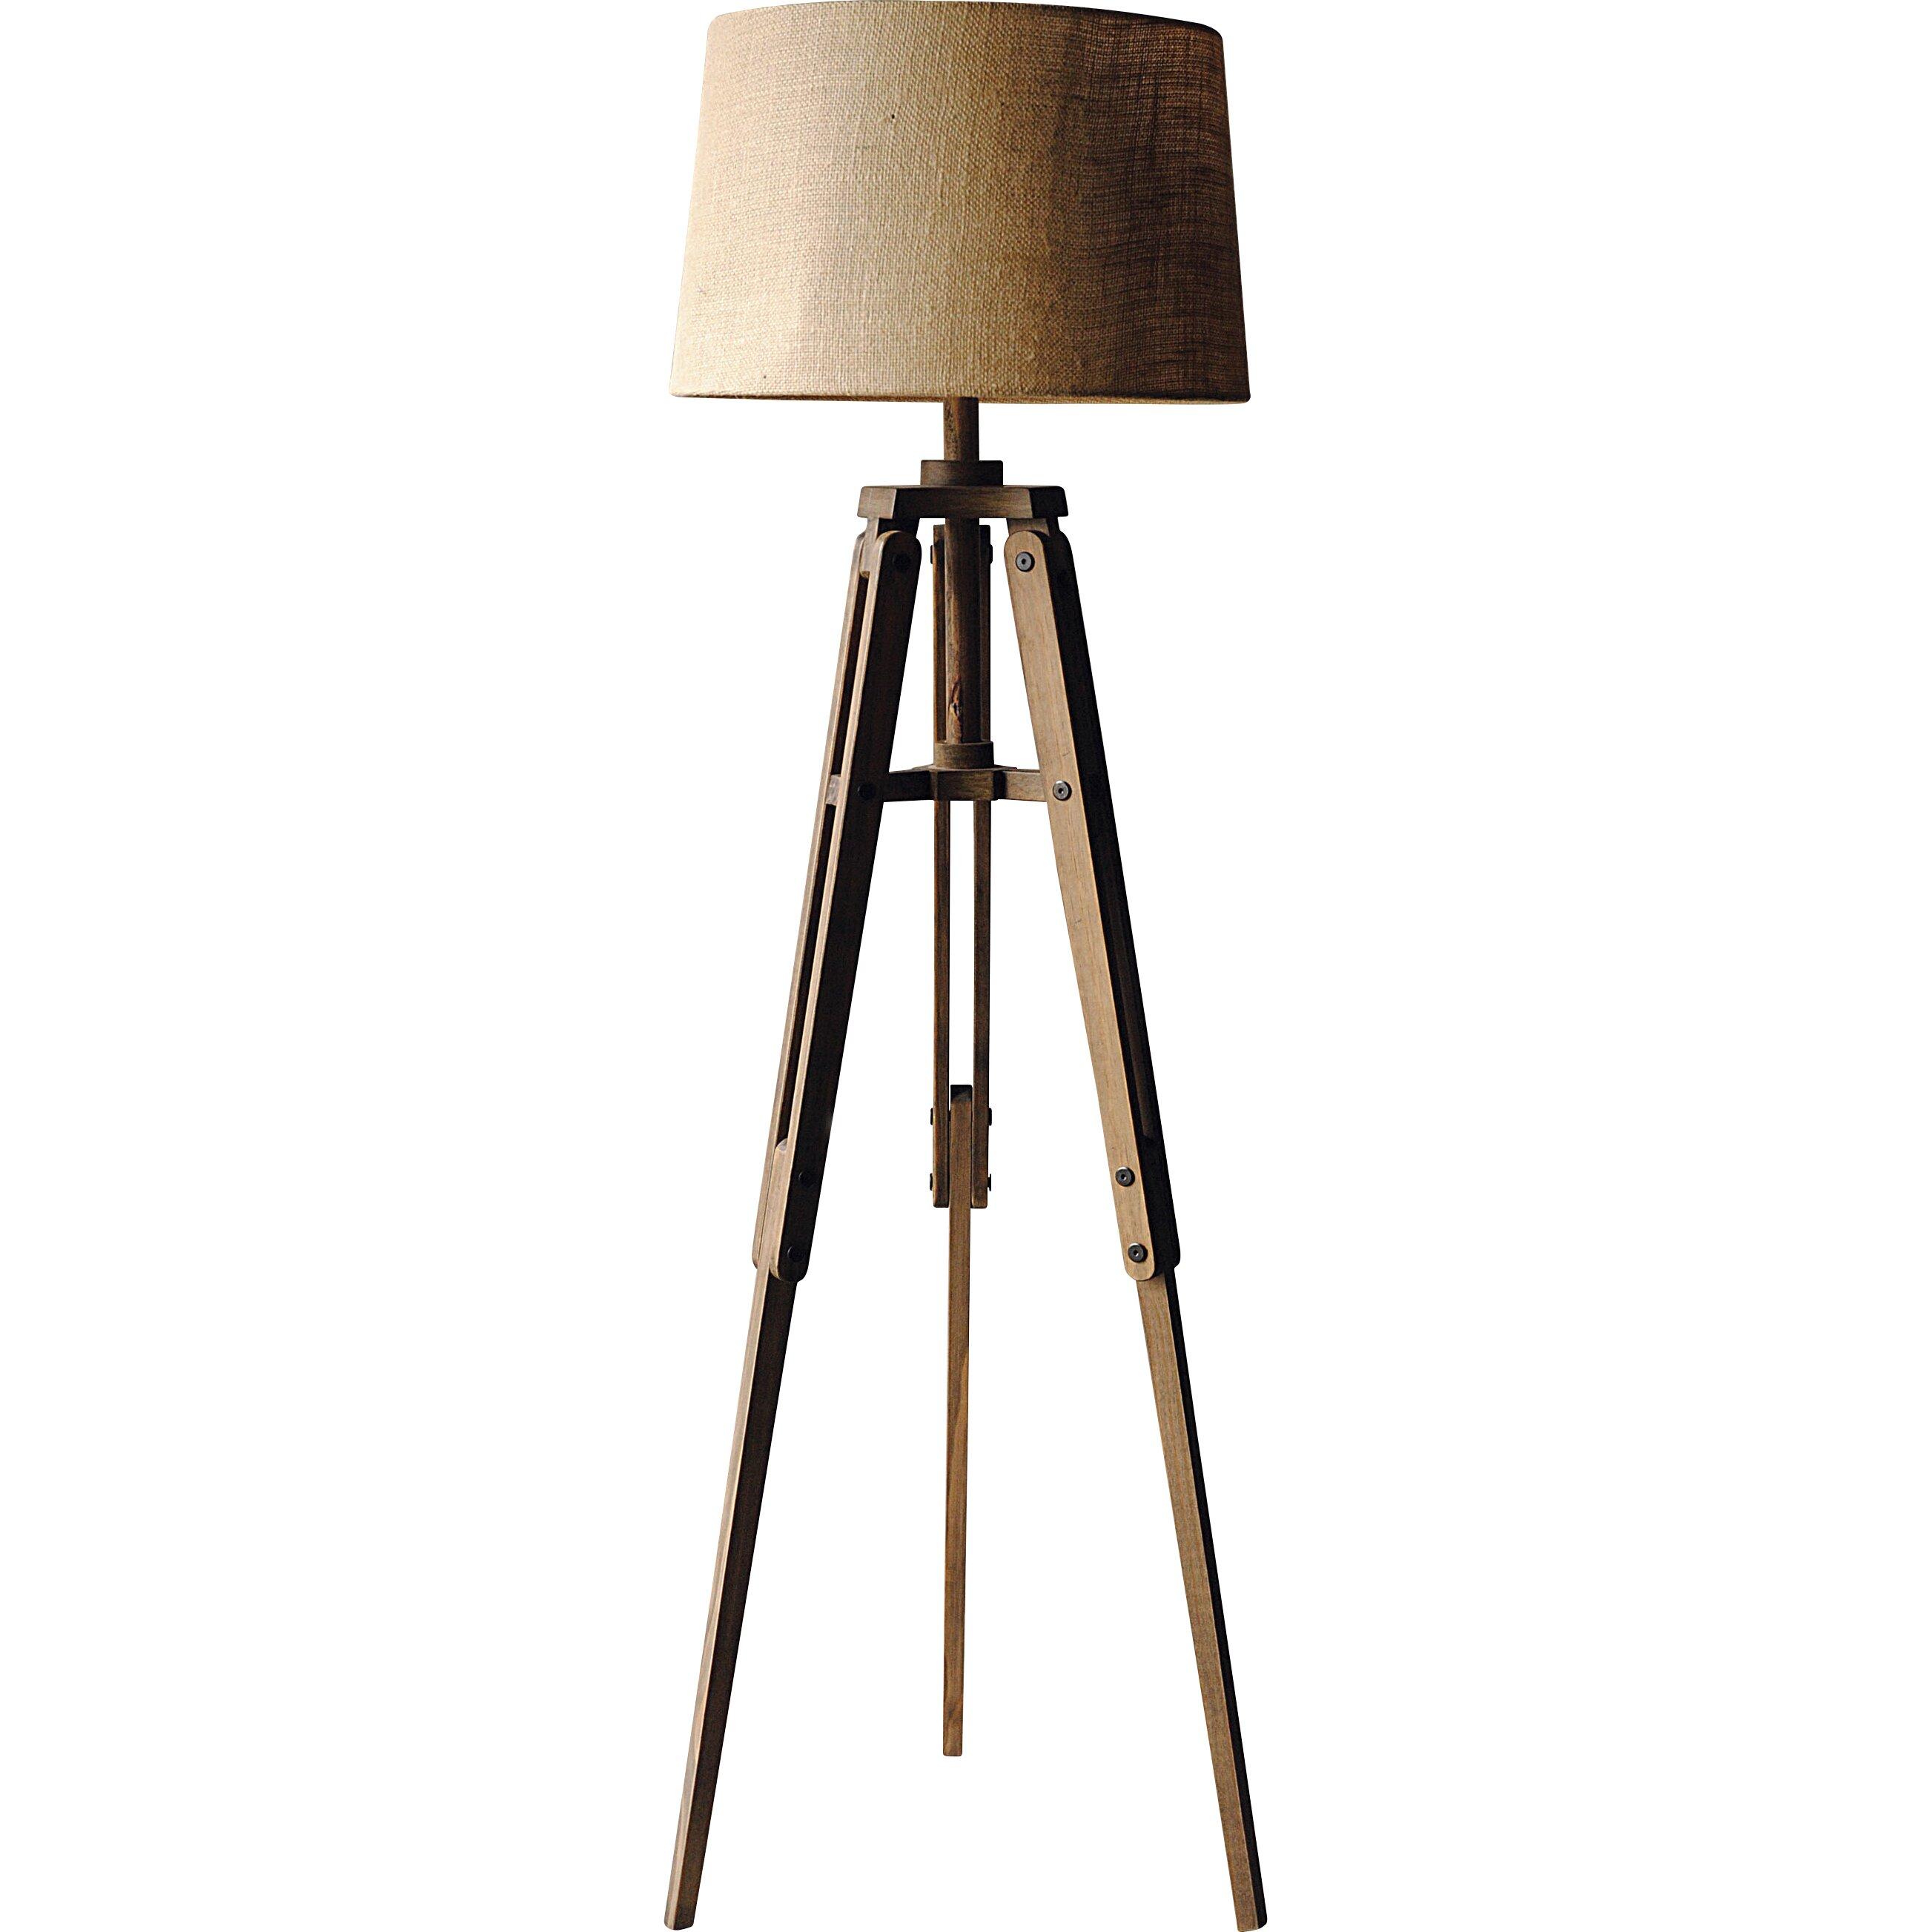 Creative co op turn of the century 6225quot tripod floor for Wayfair wood floor lamp